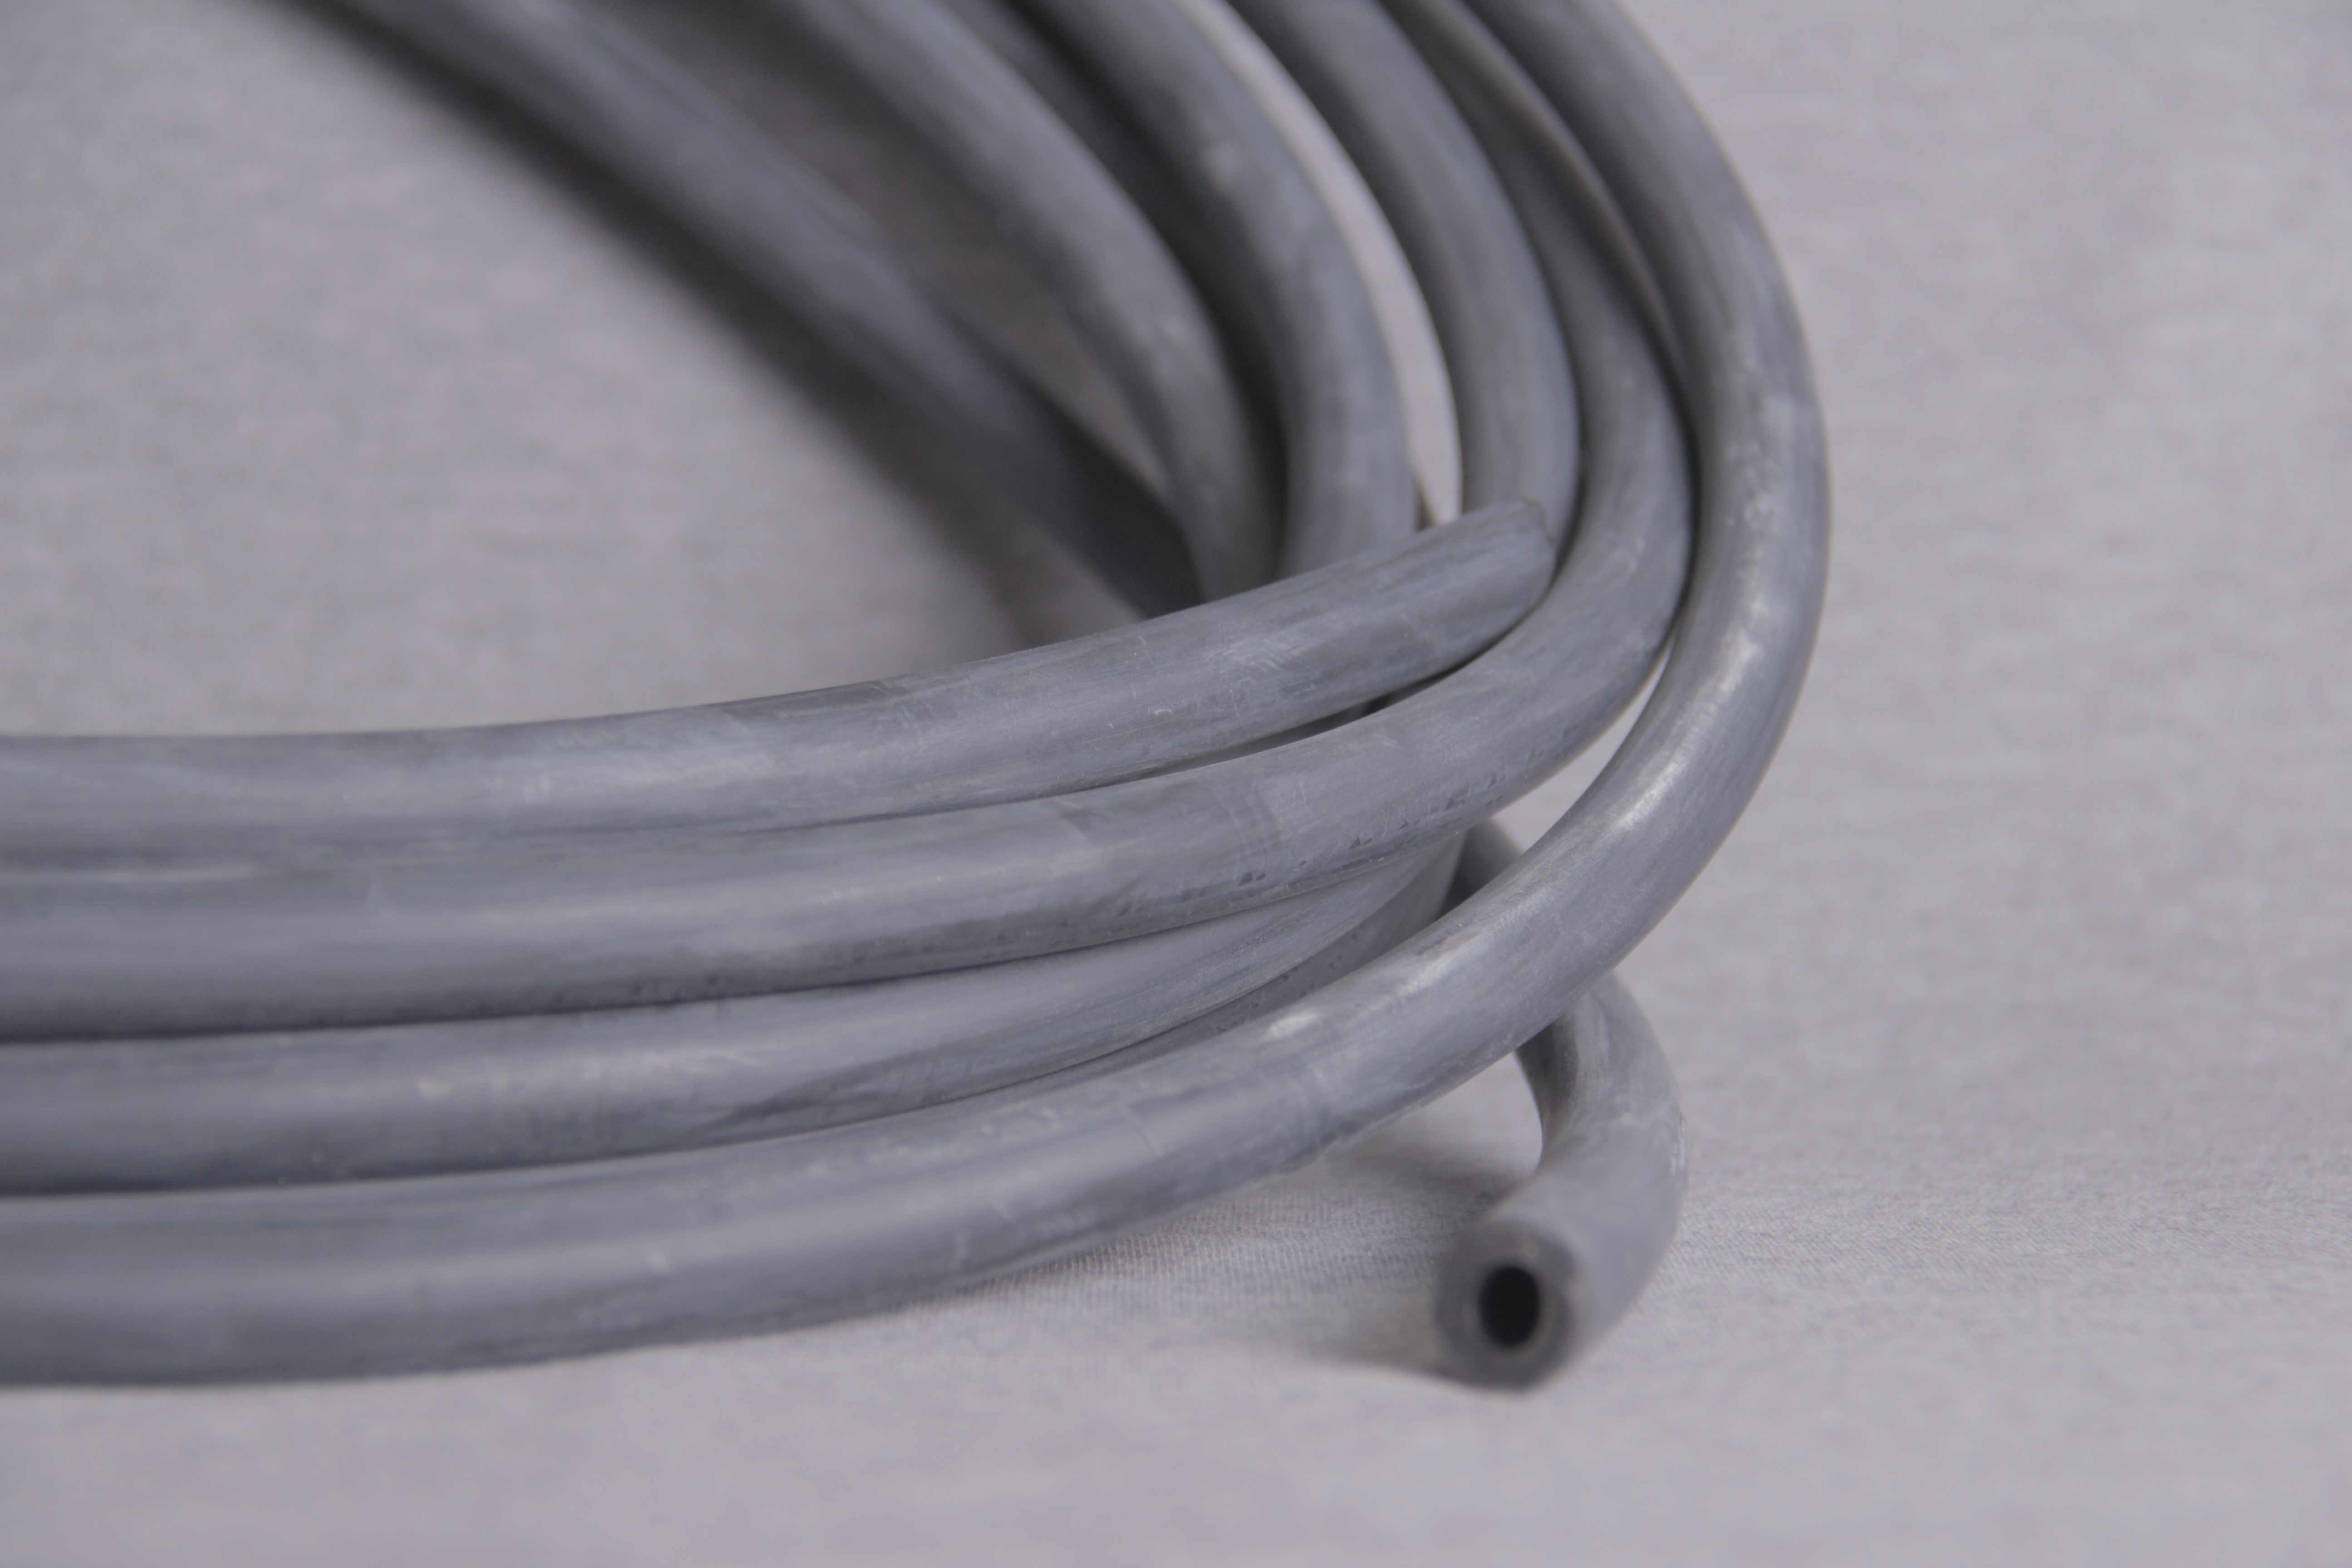 EPDM slange - Varenr. 460 / Evac 5470214 / VVS 614114460